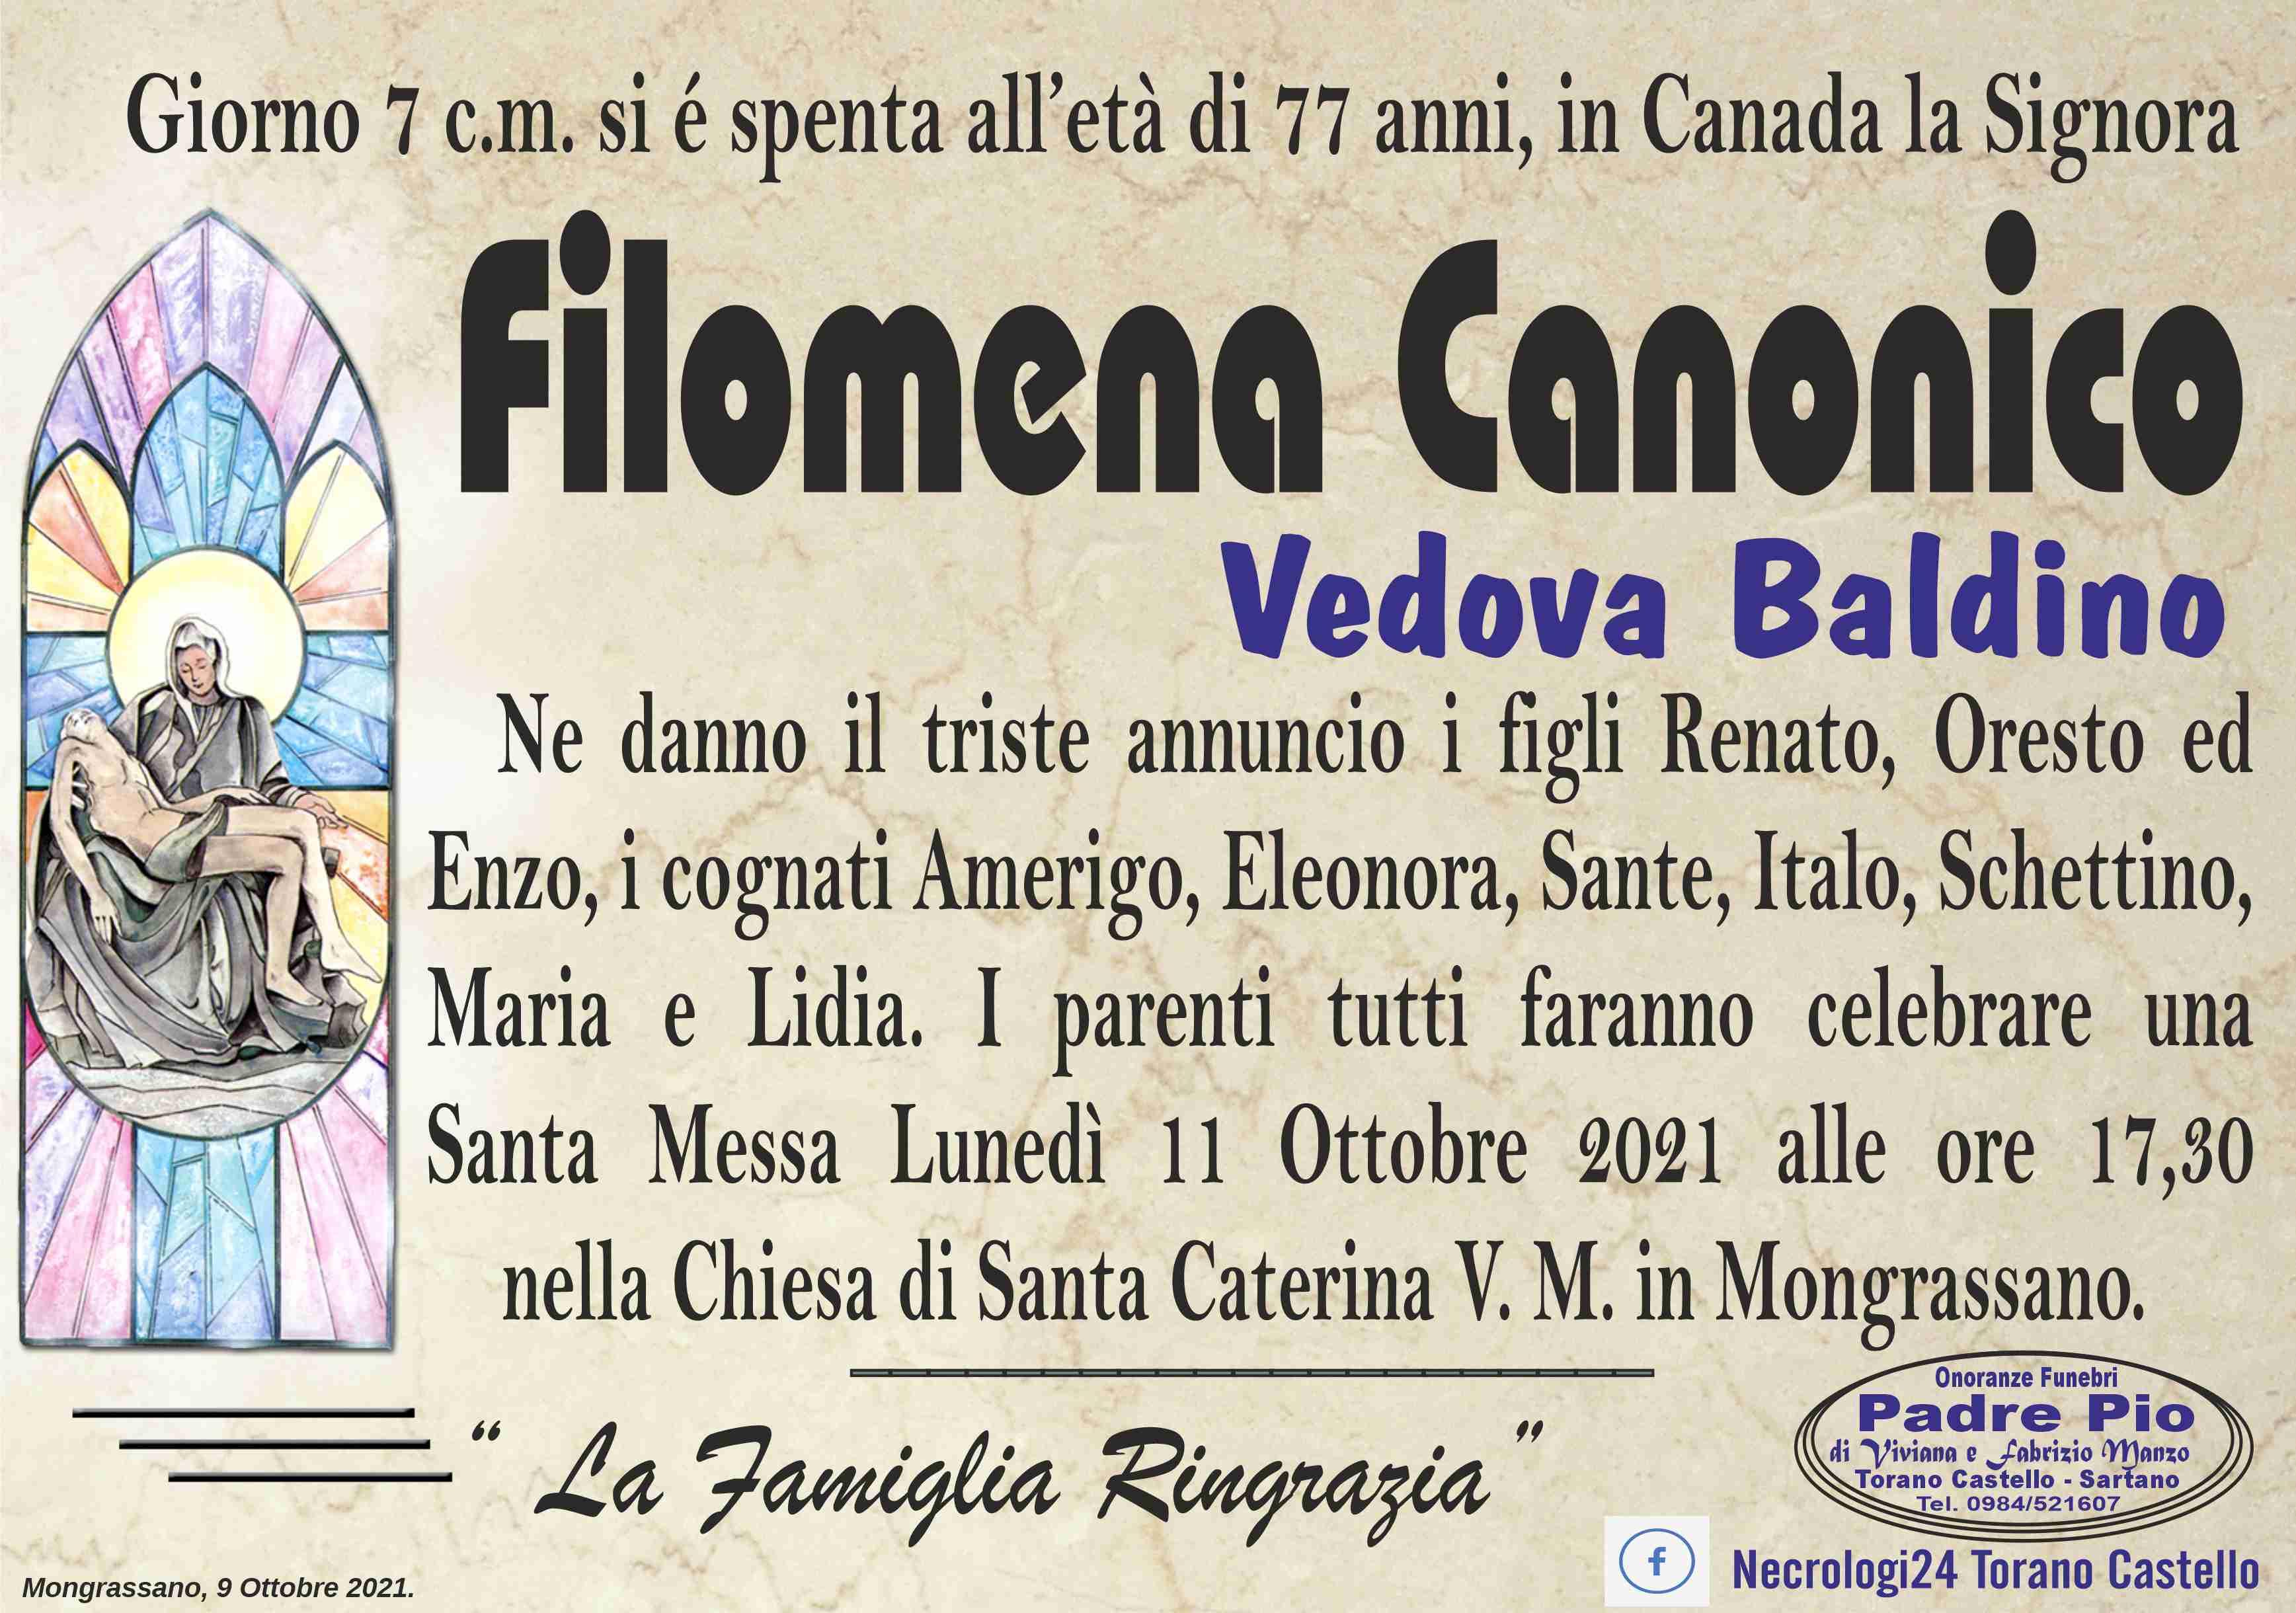 Filomena Canonico